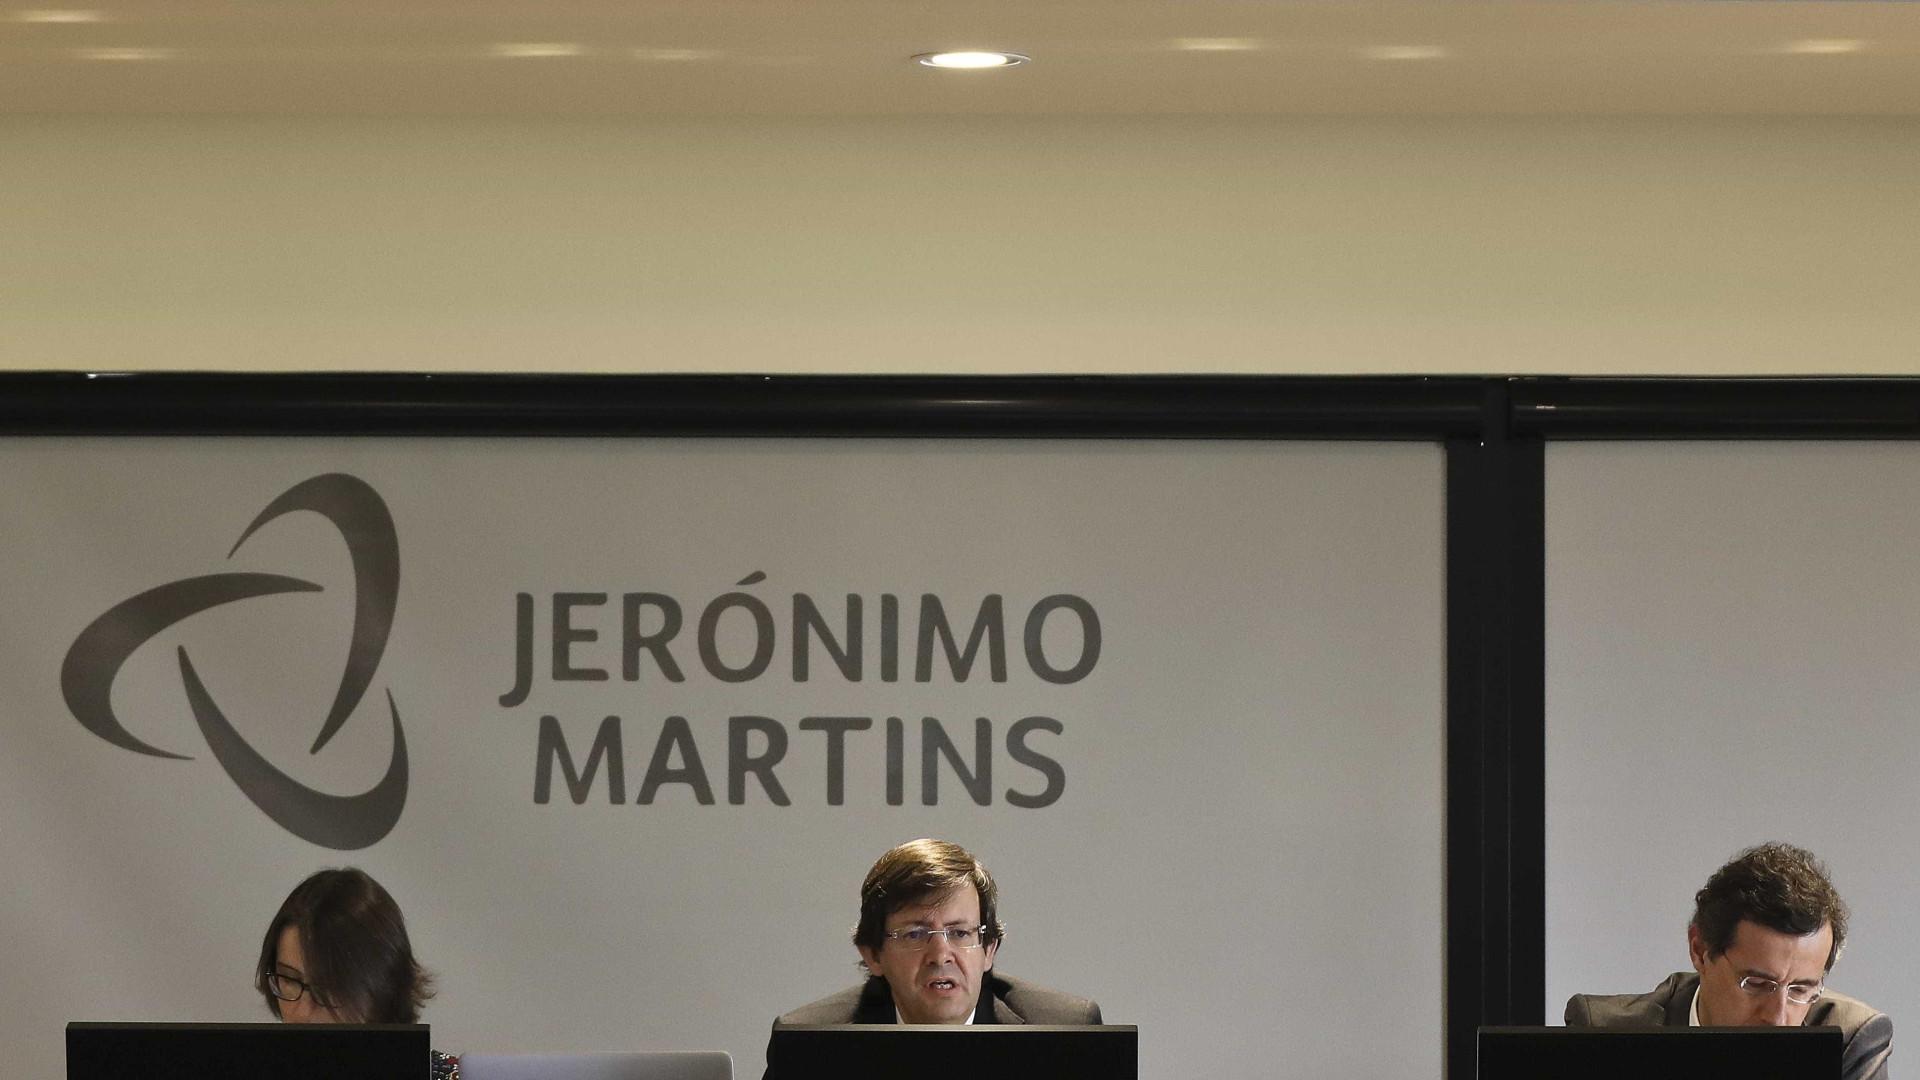 Lucro da Jerónimo Martins sobe 0,4% no 1.º trimestre para 78 milhões